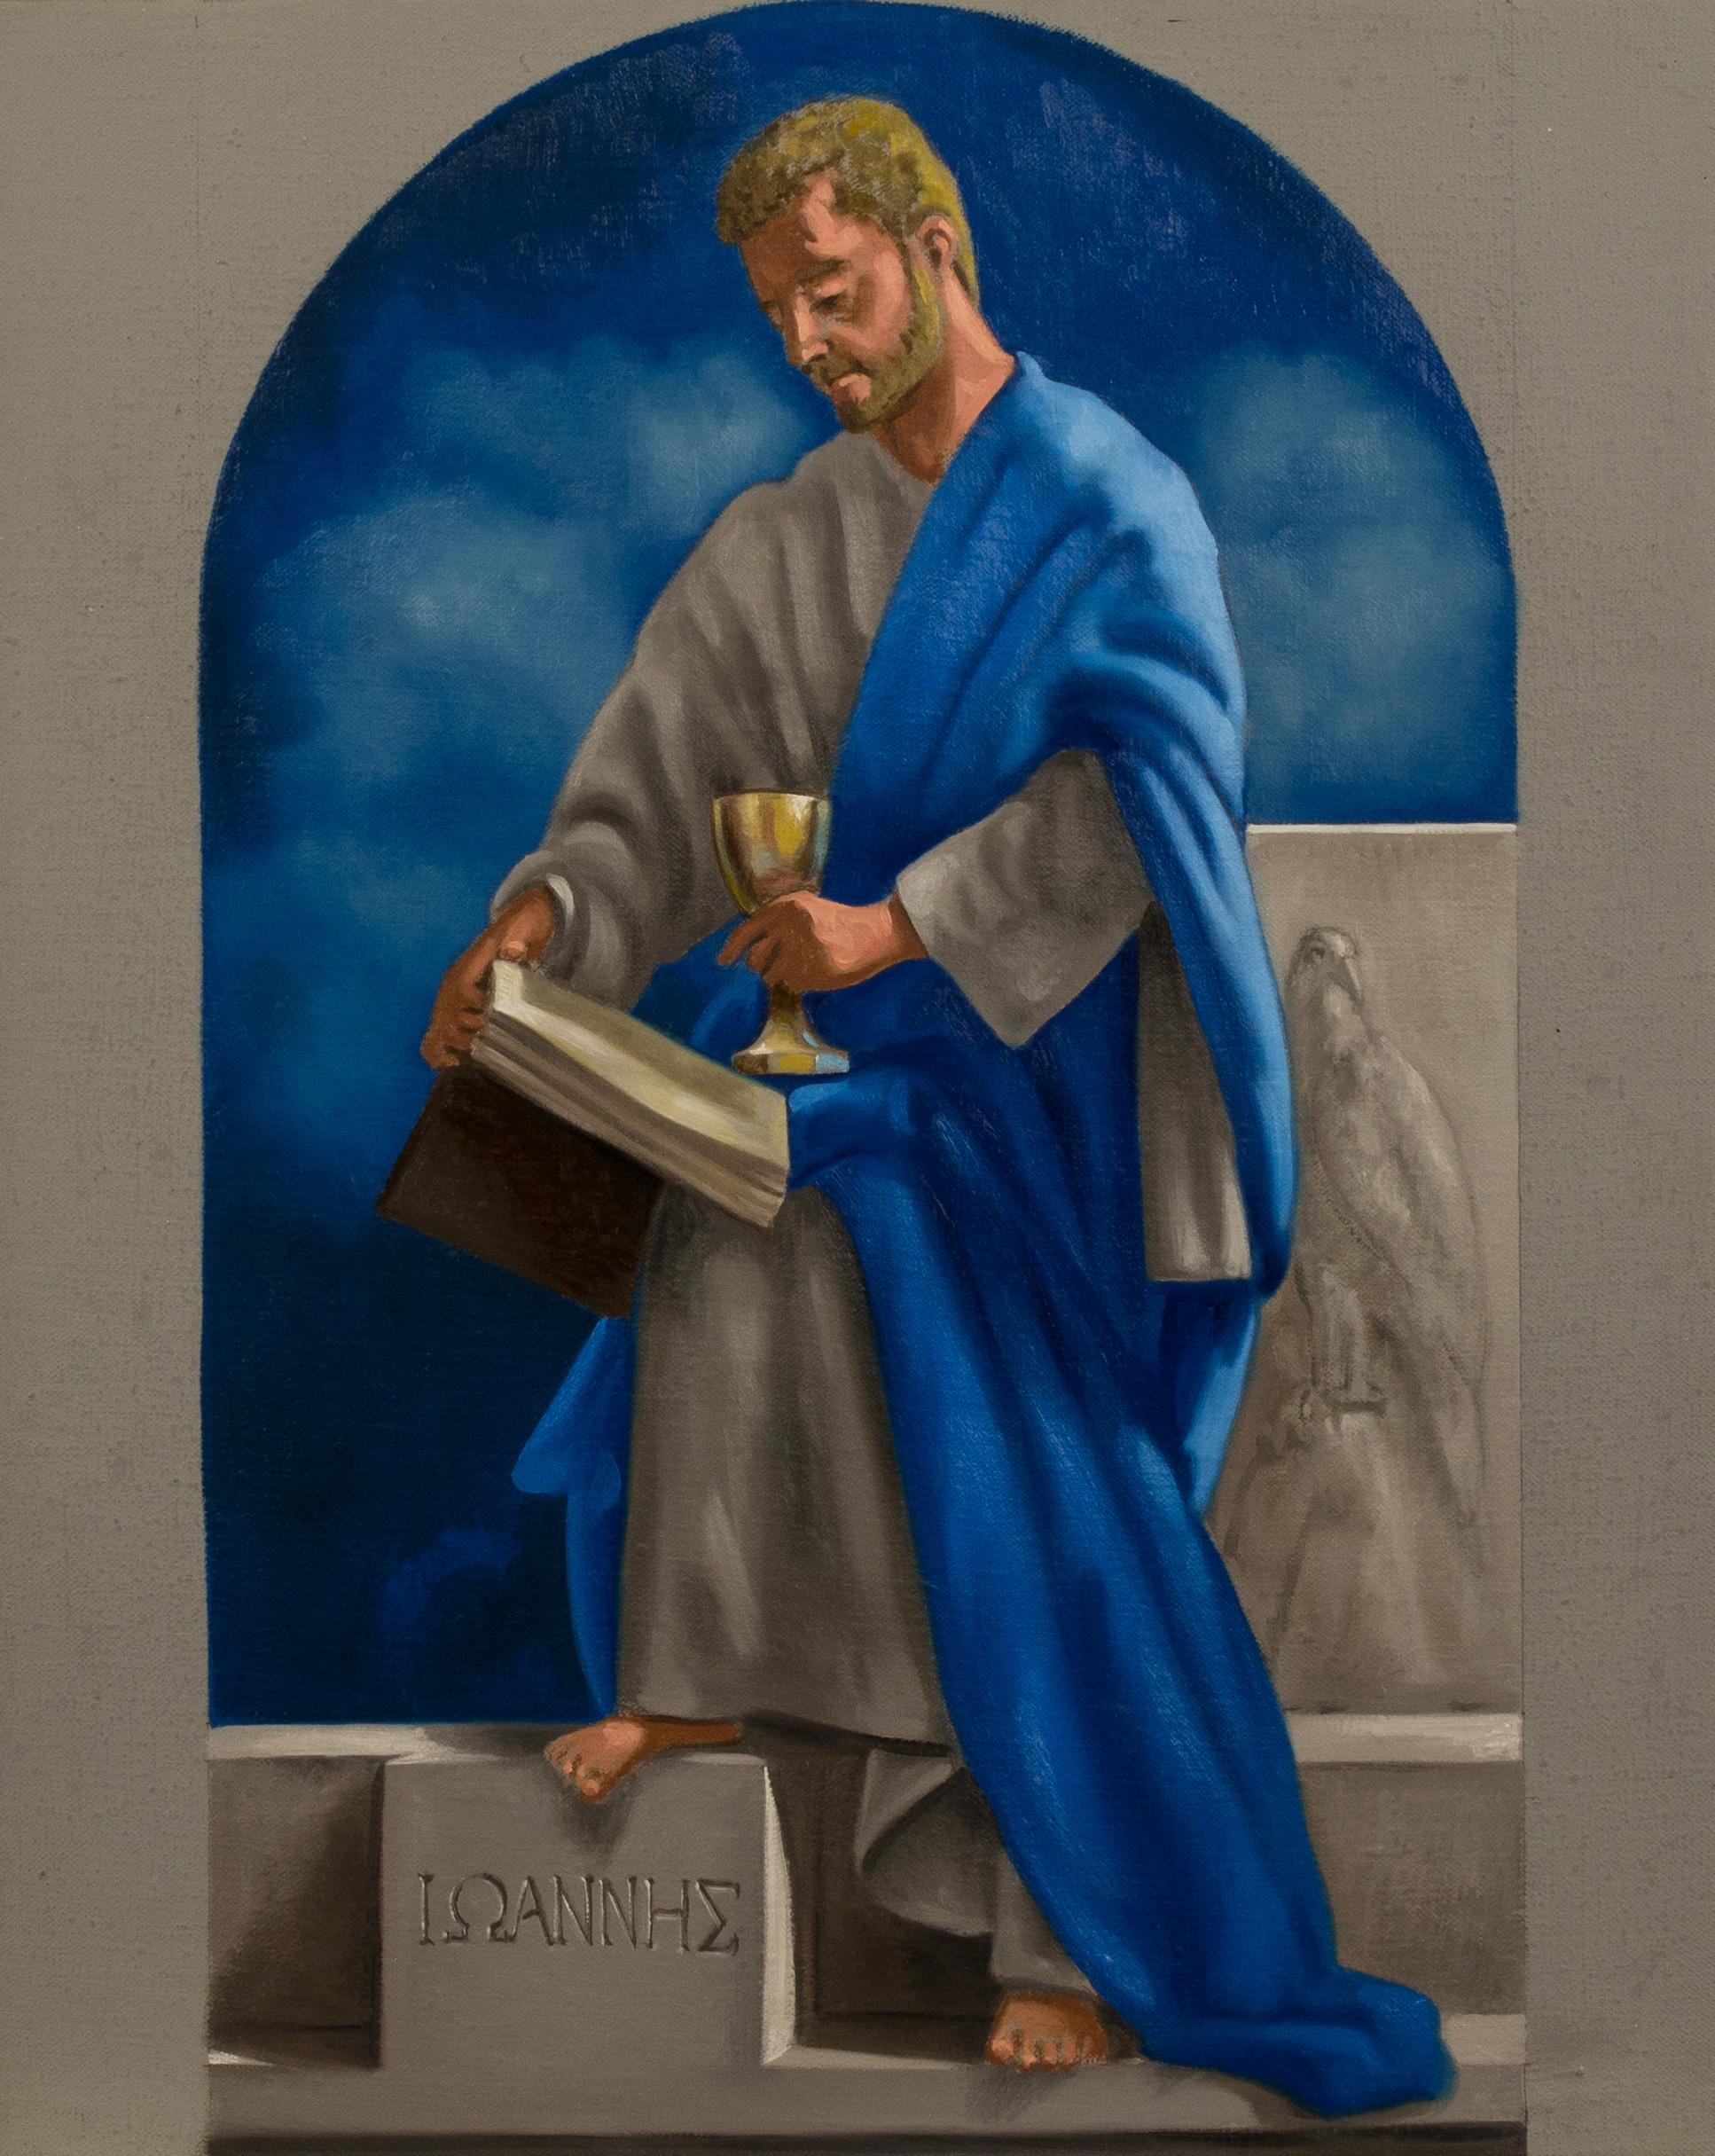 Bozzetto. San Giovanni , Ciclo dei Quattro Evangelisti per l'Aula Magna della PUU, olio su tela, cm 50x40, 2014